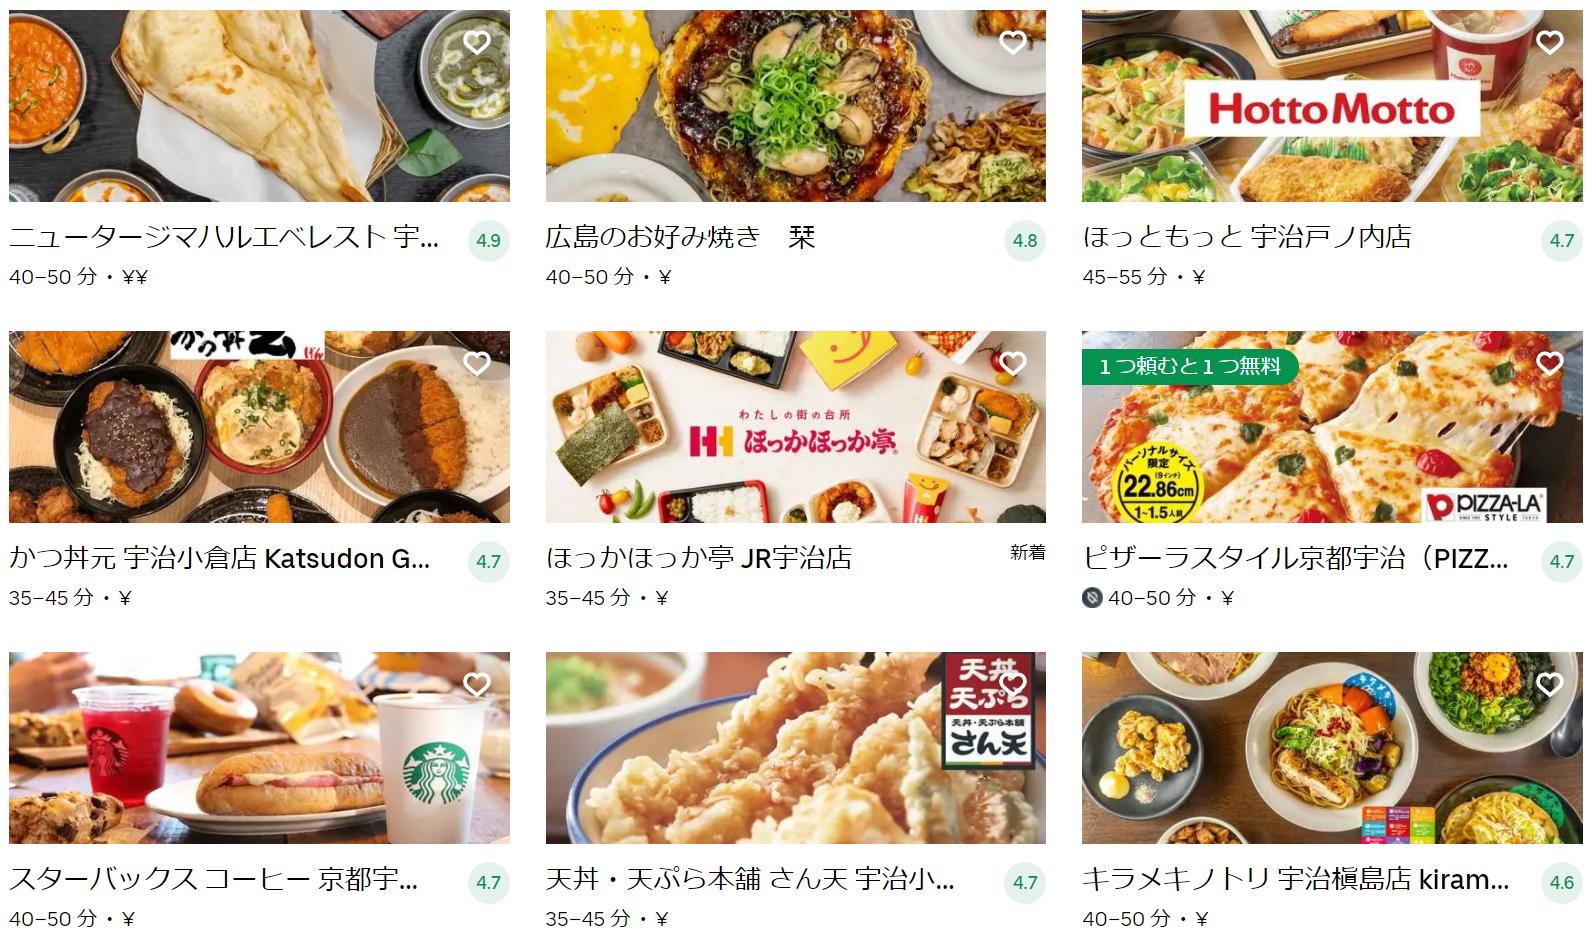 京都府宇治市エリアのおすすめUber Eats(ウーバーイーツ)メニュー